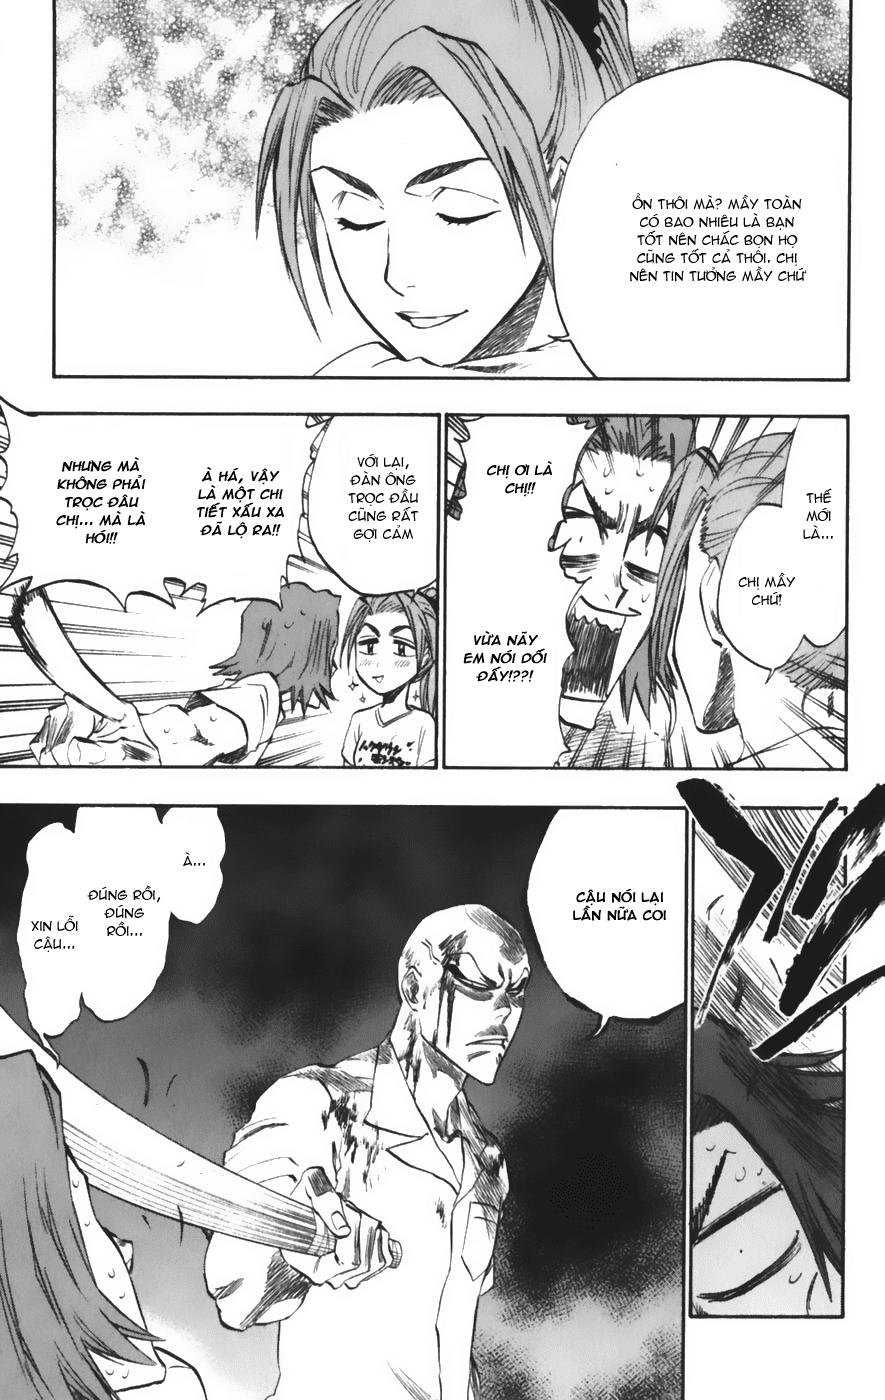 Bleach chapter 213 trang 5